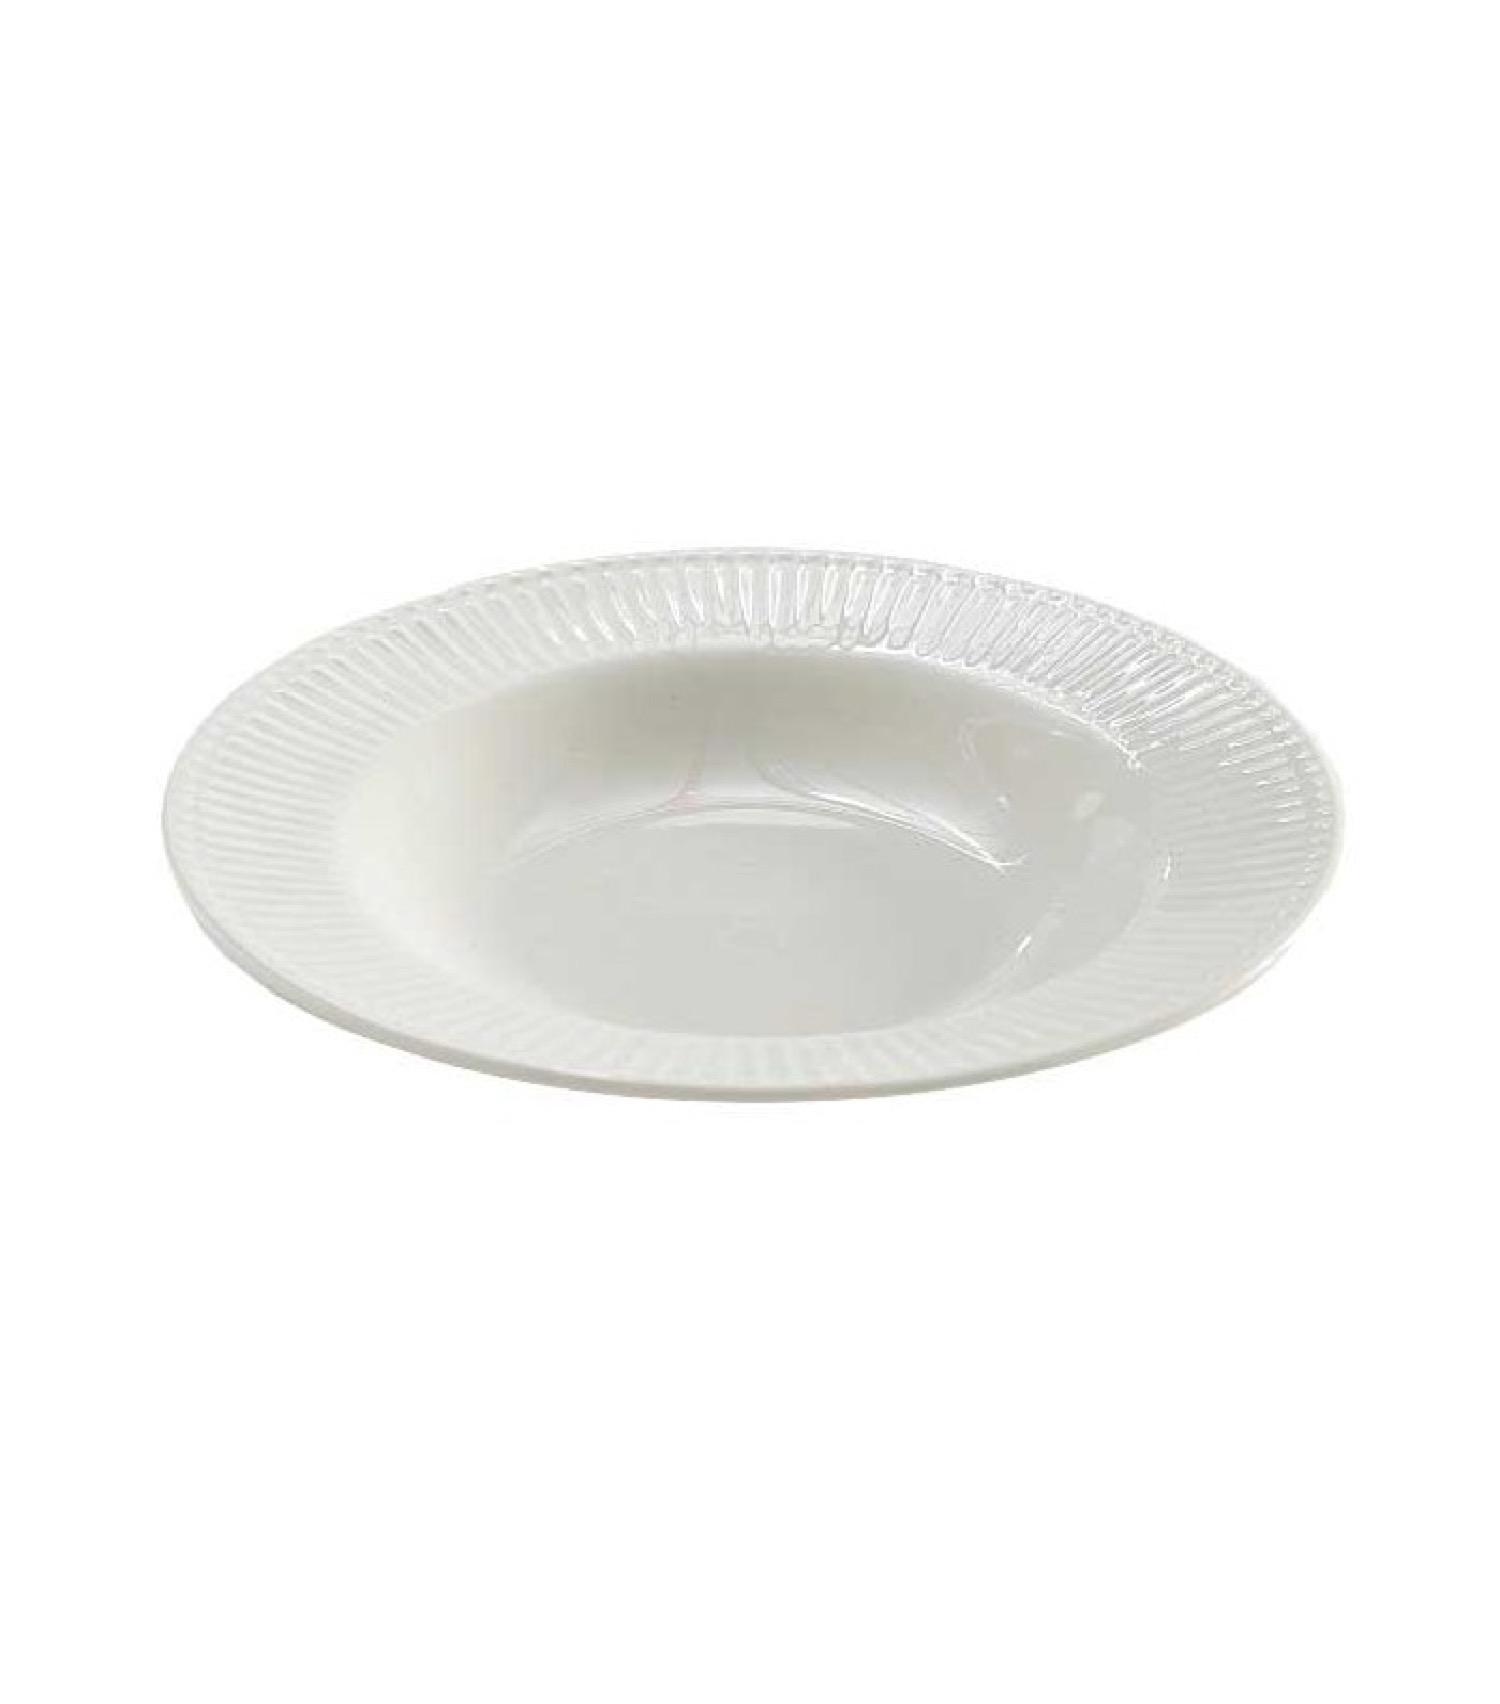 Assiette creuse en porcelaine blanche D22cm